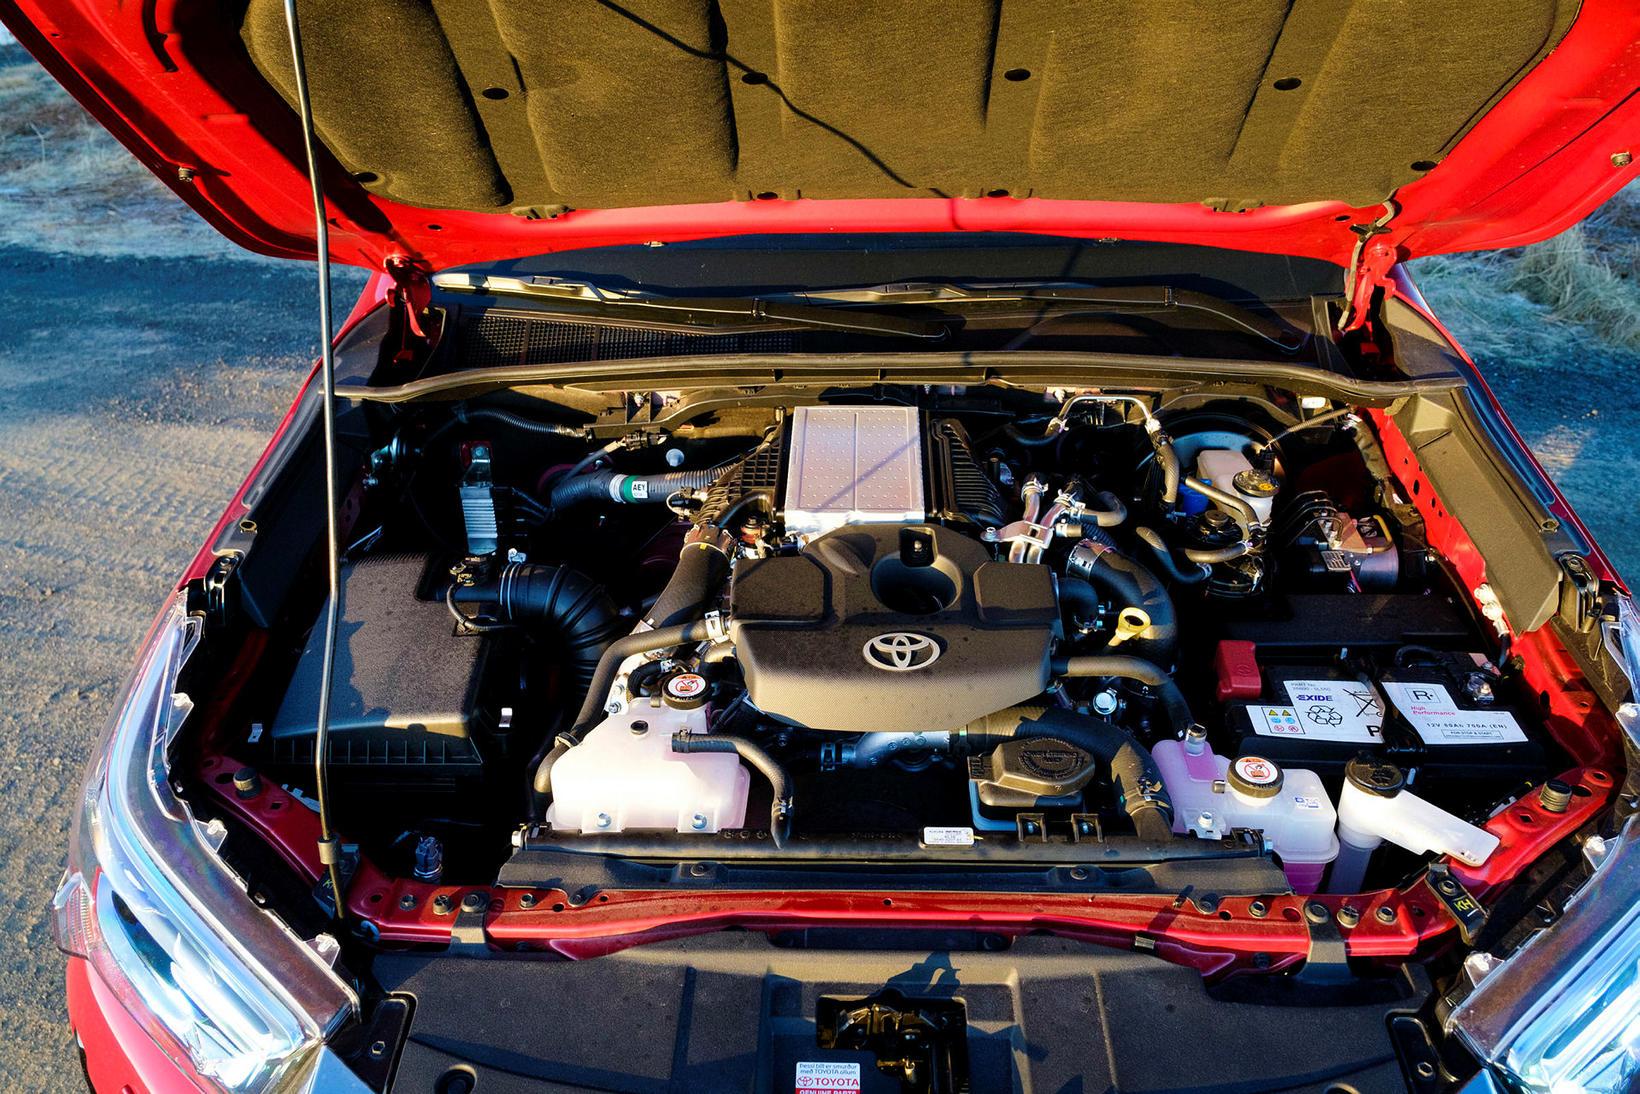 Toyota kreistir meira afl úr Hilux-vélinni en áður, en það …